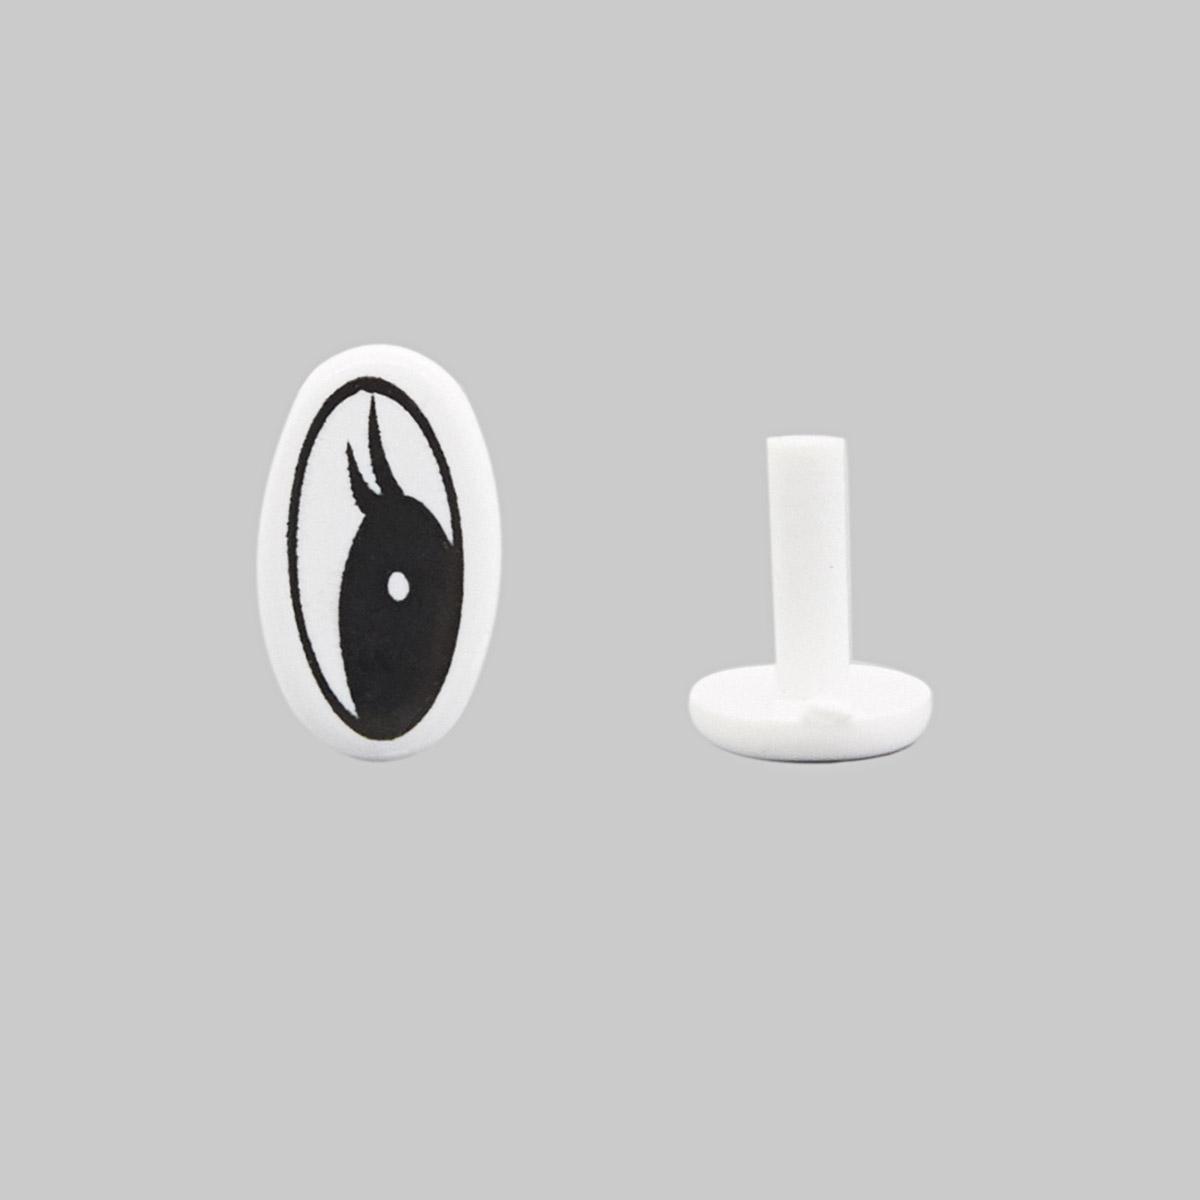 г37-1цв Глаза для игрушек 1,0*1,3см пластик.